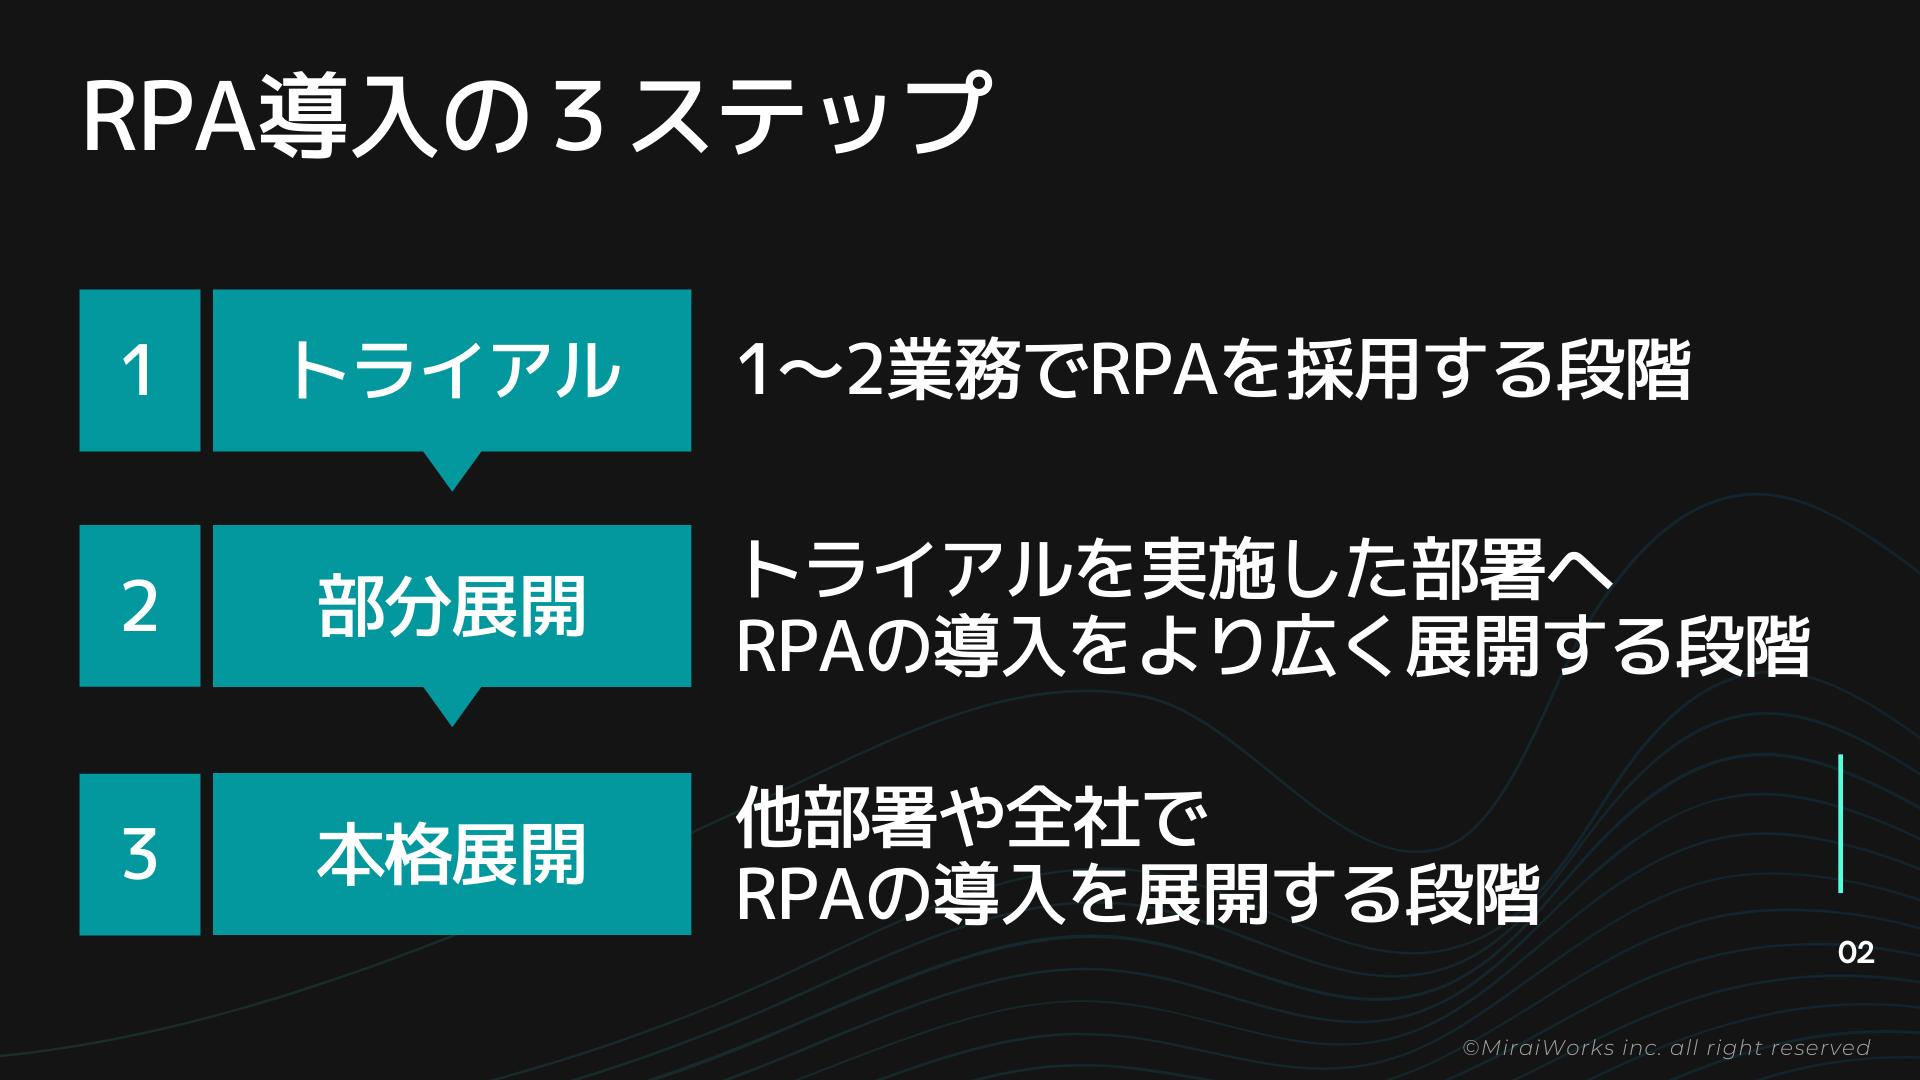 RPA導入の3ステップ